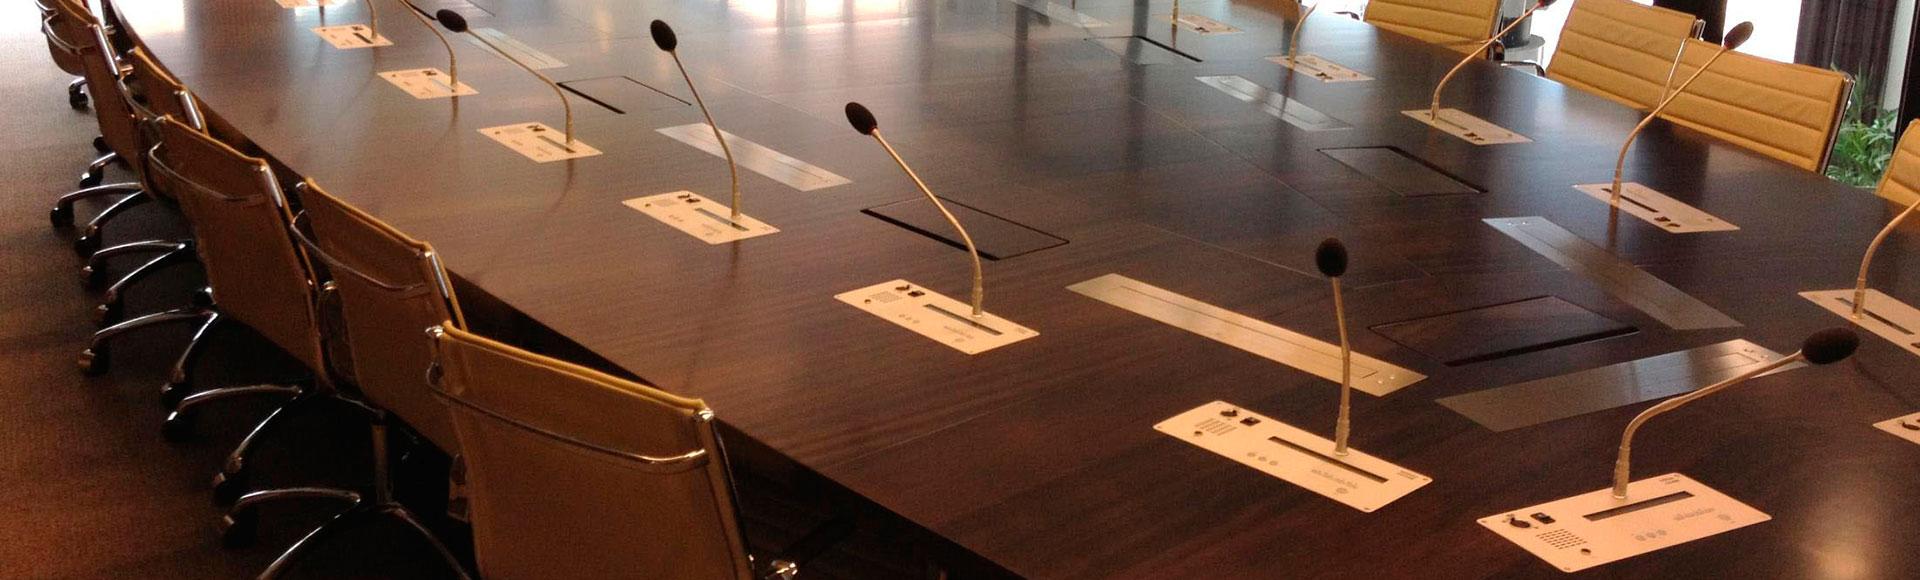 سیستم های کنفرانس و ترجمه همزمان